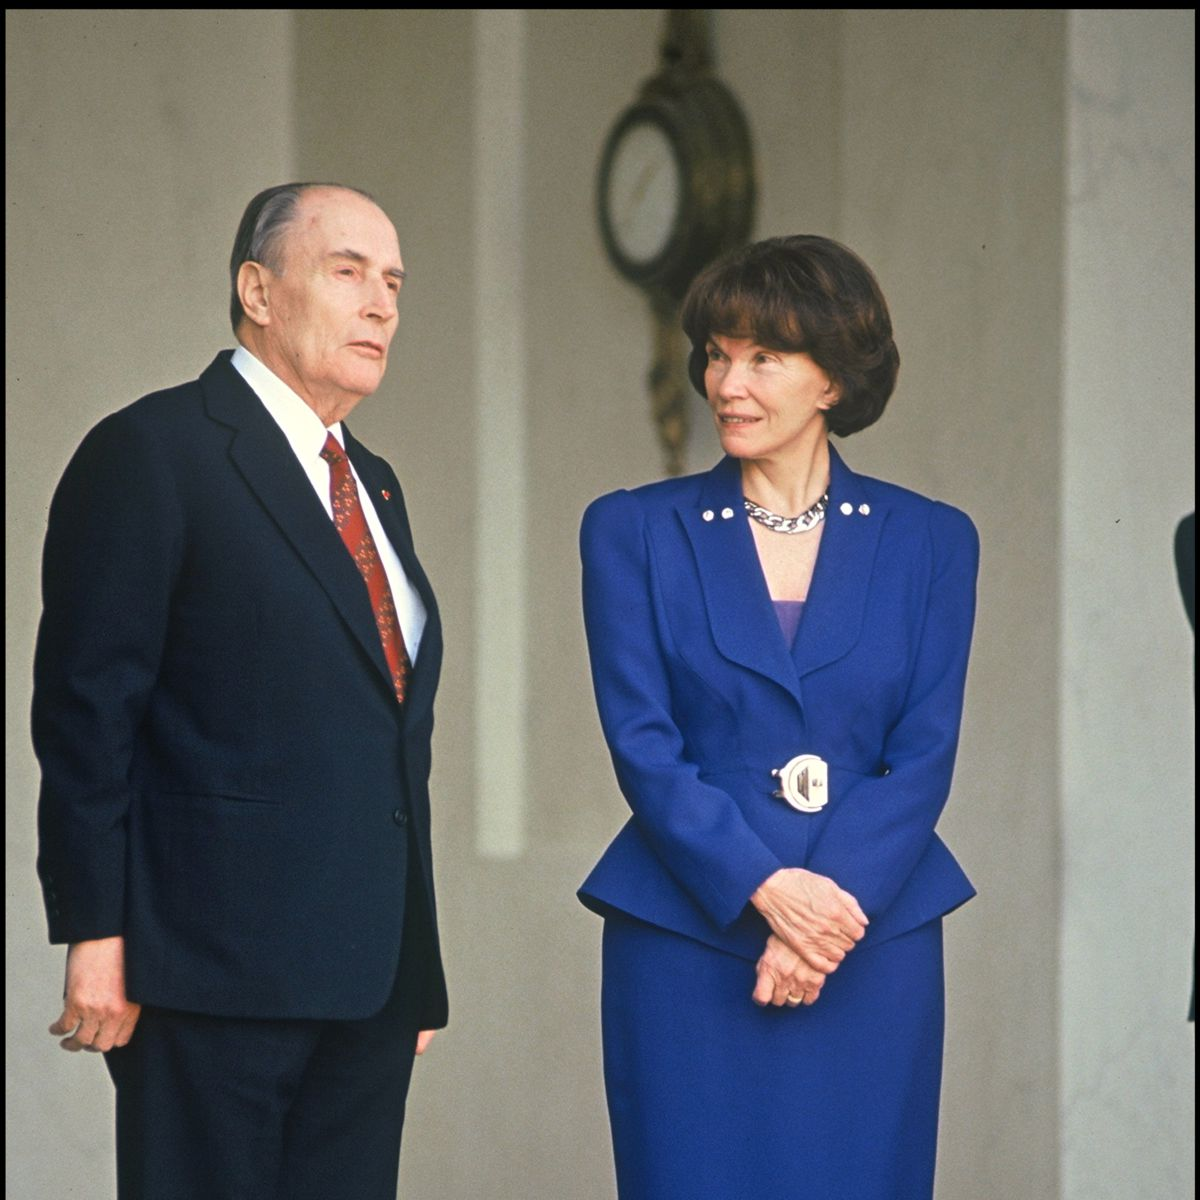 François et Danielle Mitterand à l'Élysée en 1992.